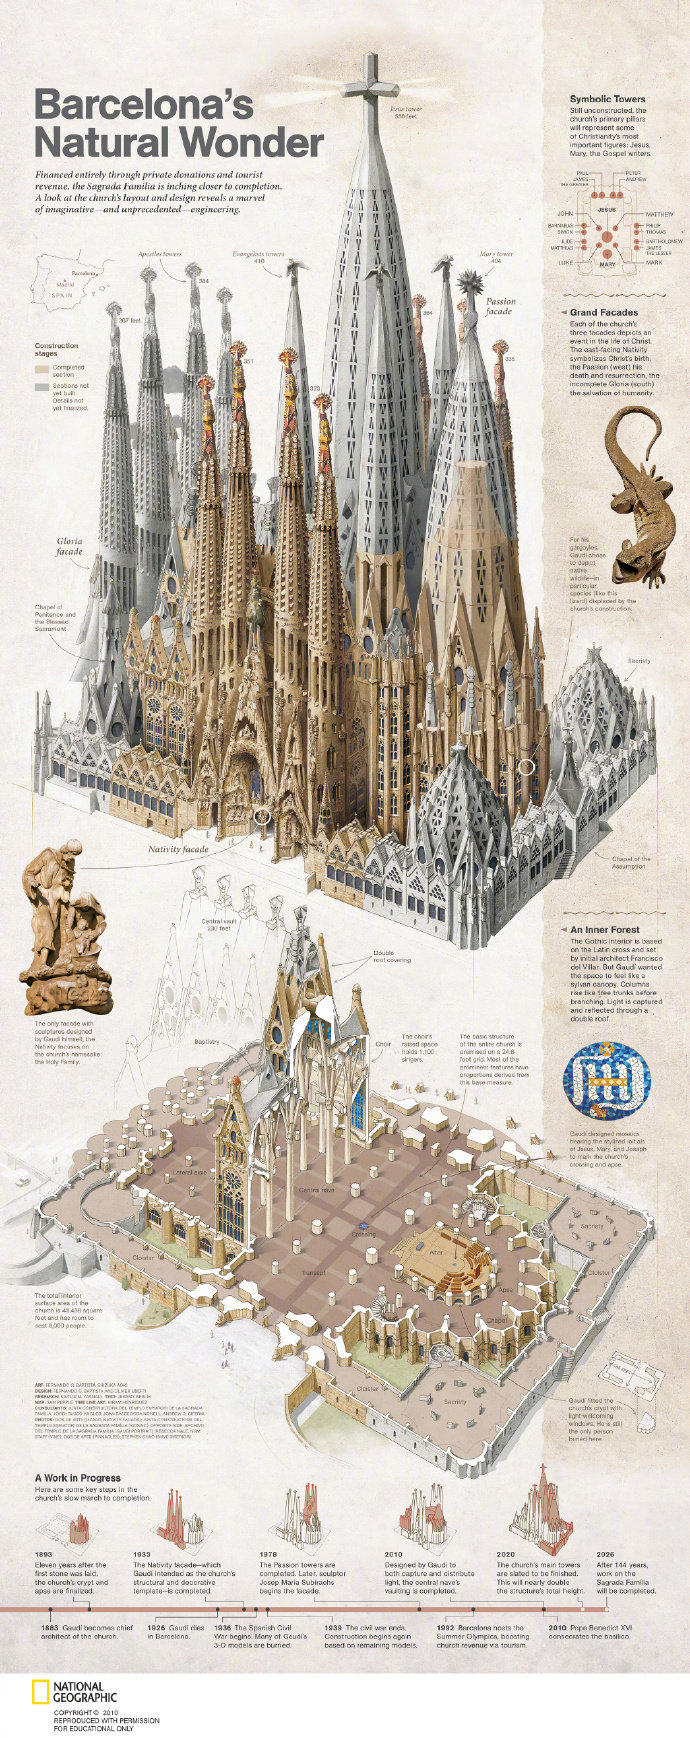 国家地理杂志的高级图形编辑 Fernando Baptista 信息图设计